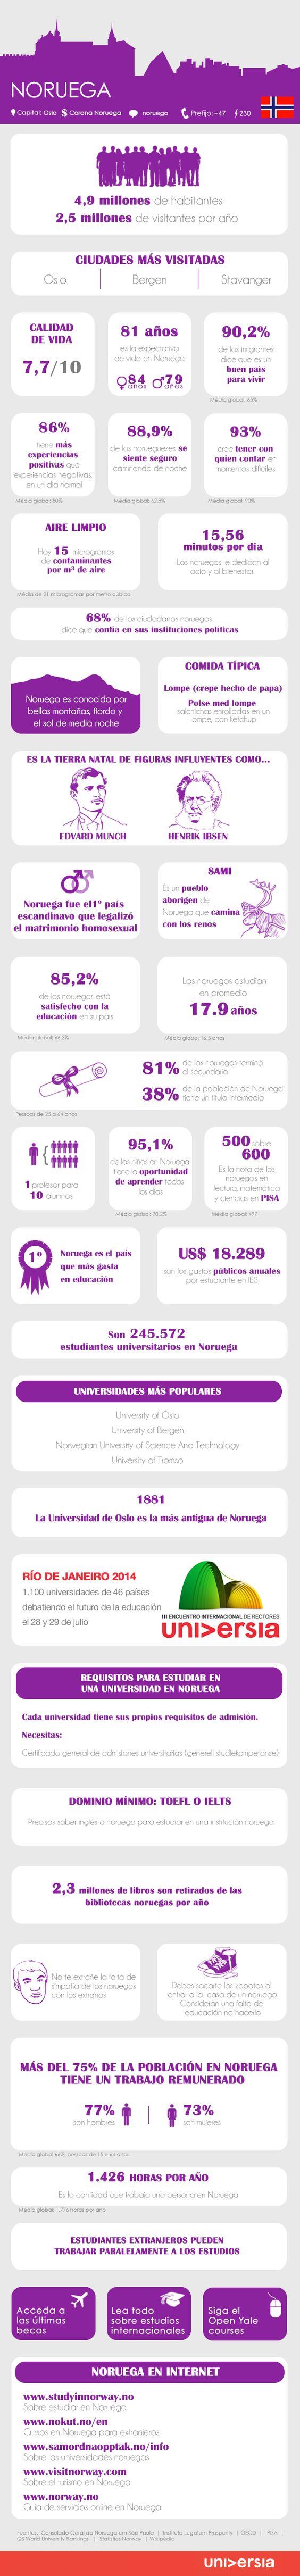 30 claves para estudiar y trabajar en Noruega #infografia #infographic #empleo